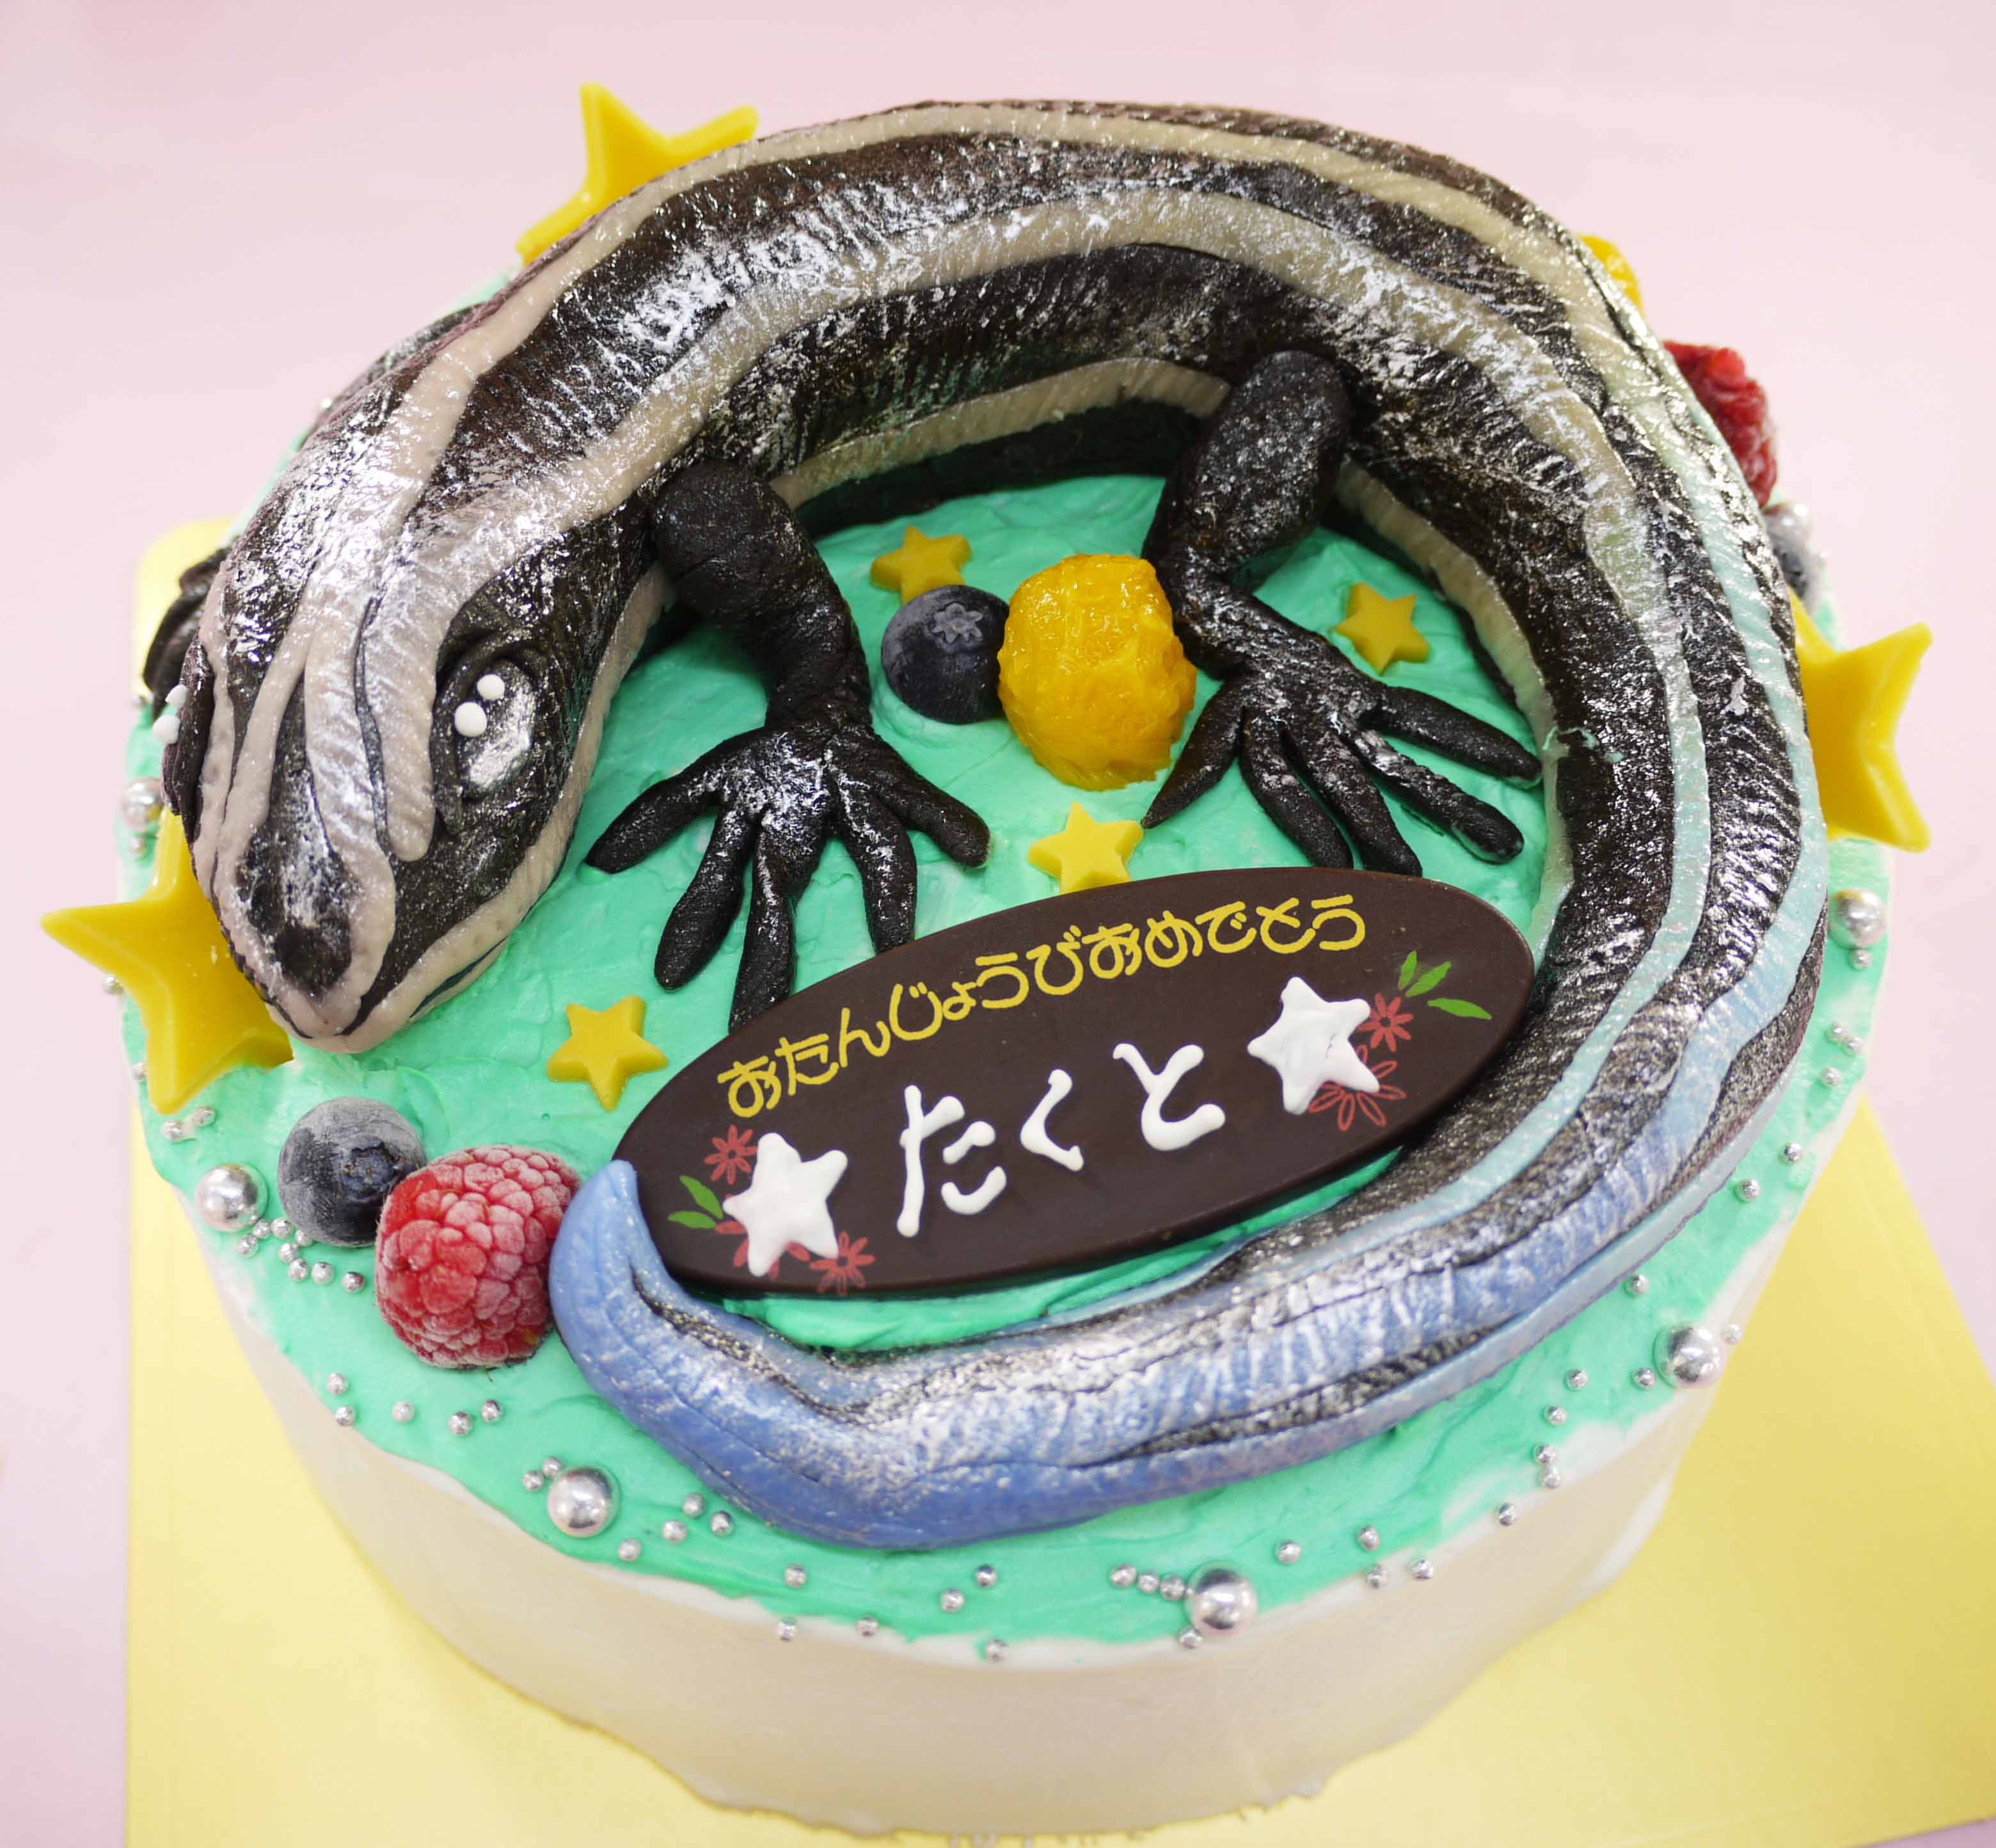 二ホンニジイロトカゲの立体ケーキ